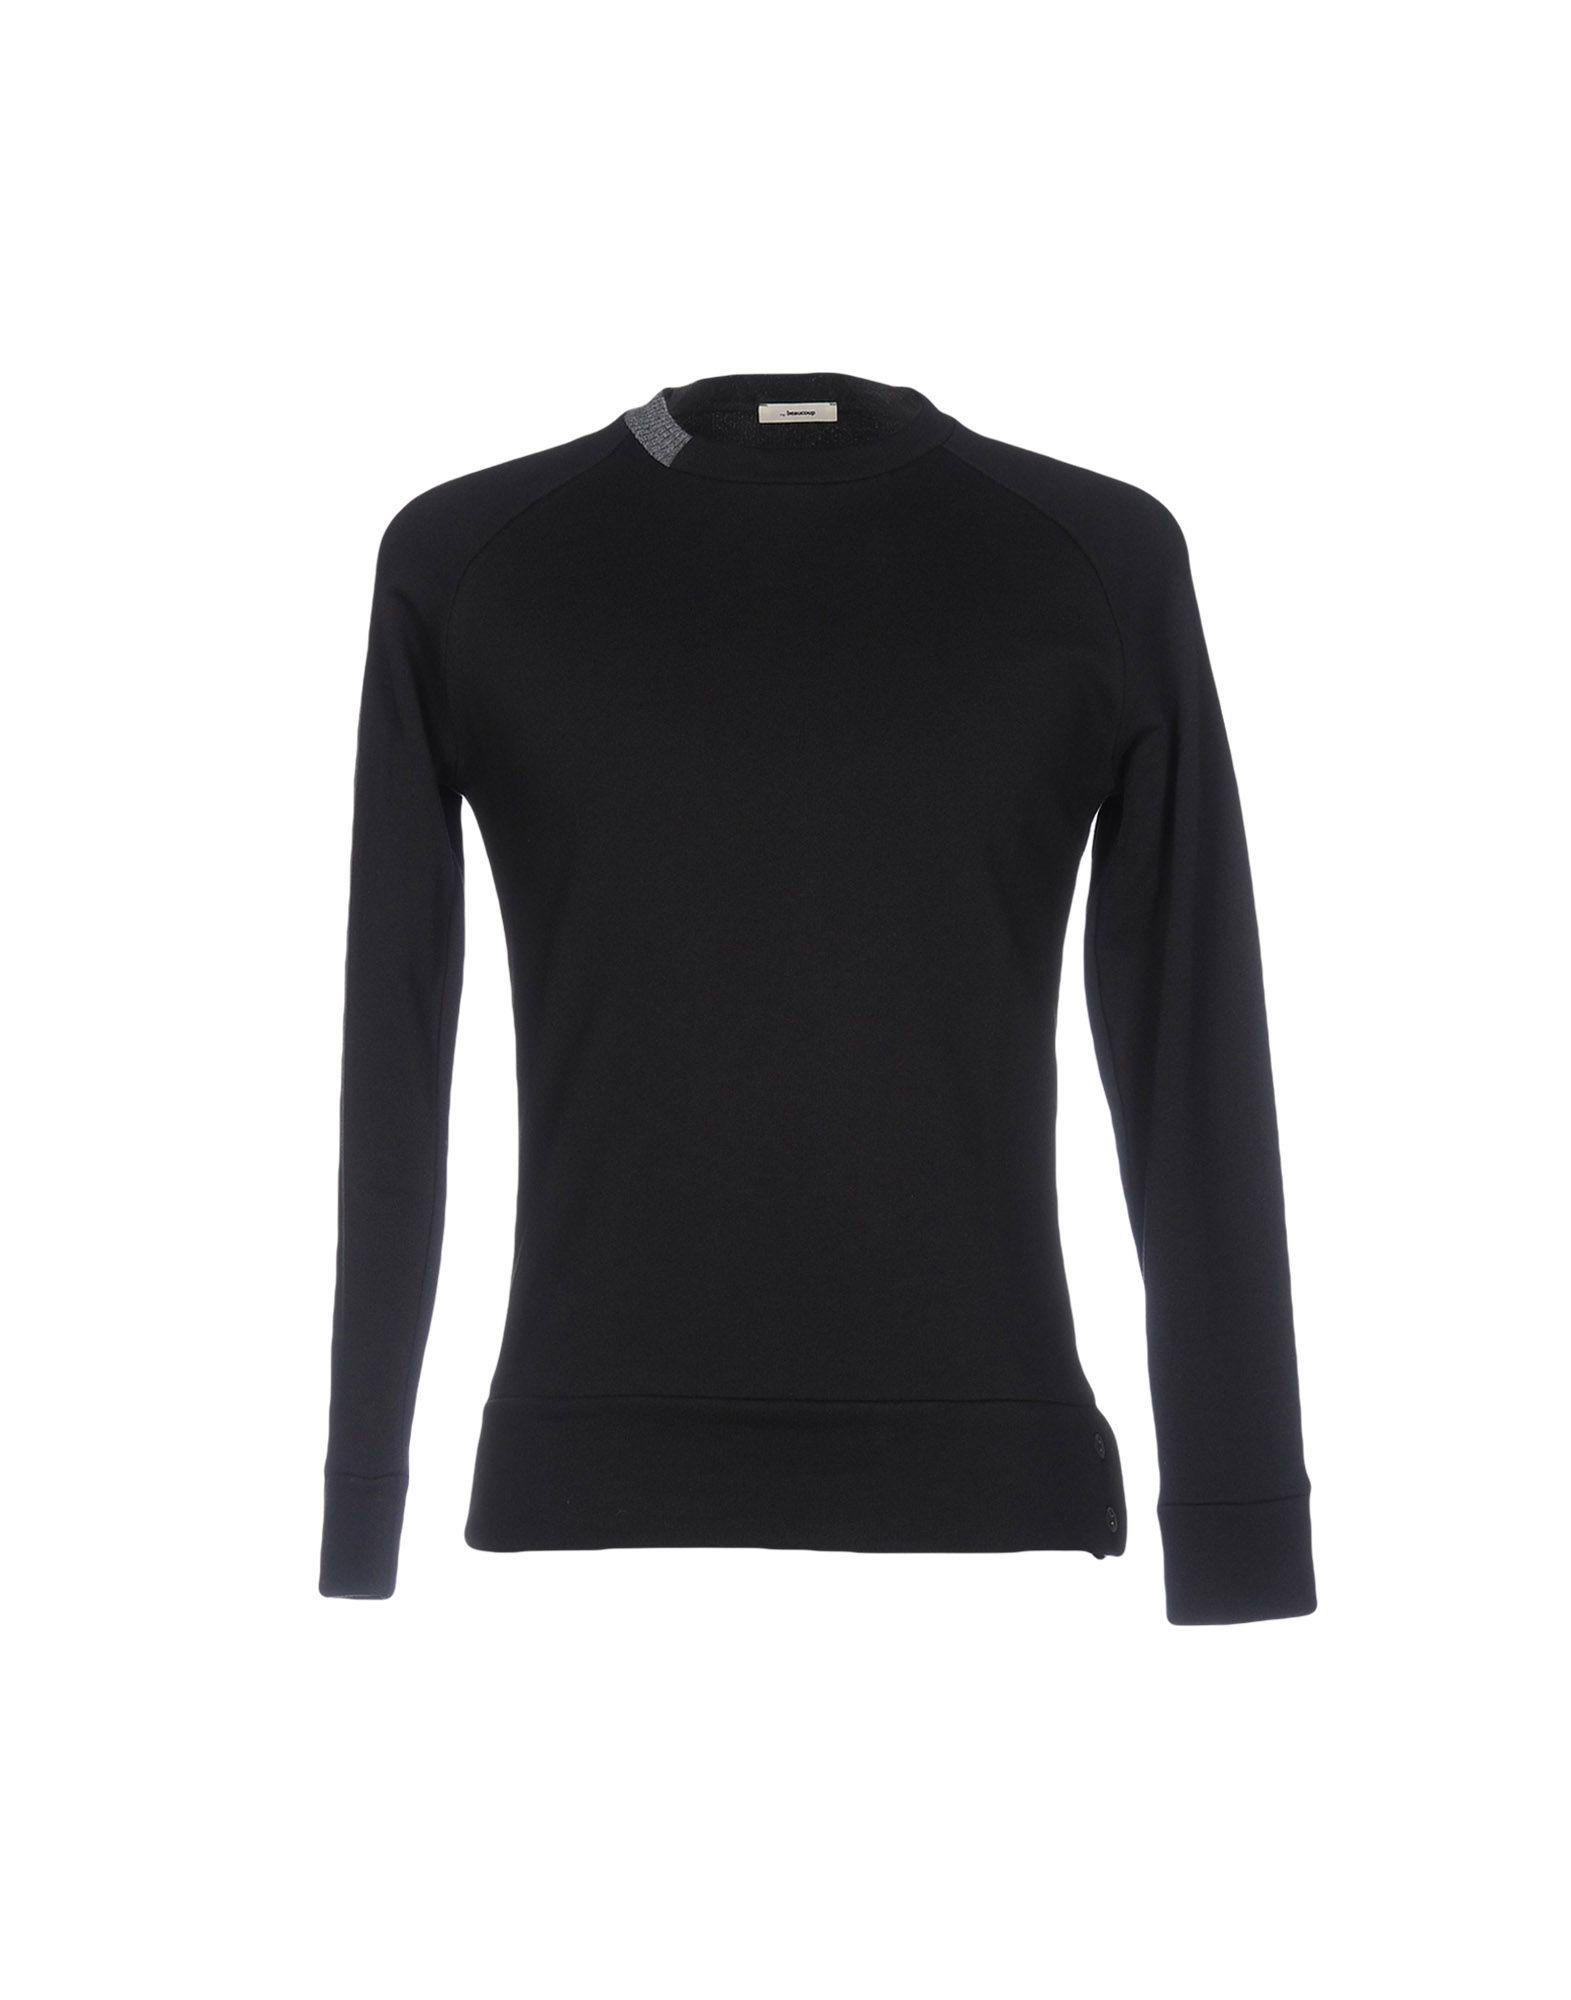 《送料無料》,BEAUCOUP メンズ スウェットシャツ ブラック XL コットン 100%